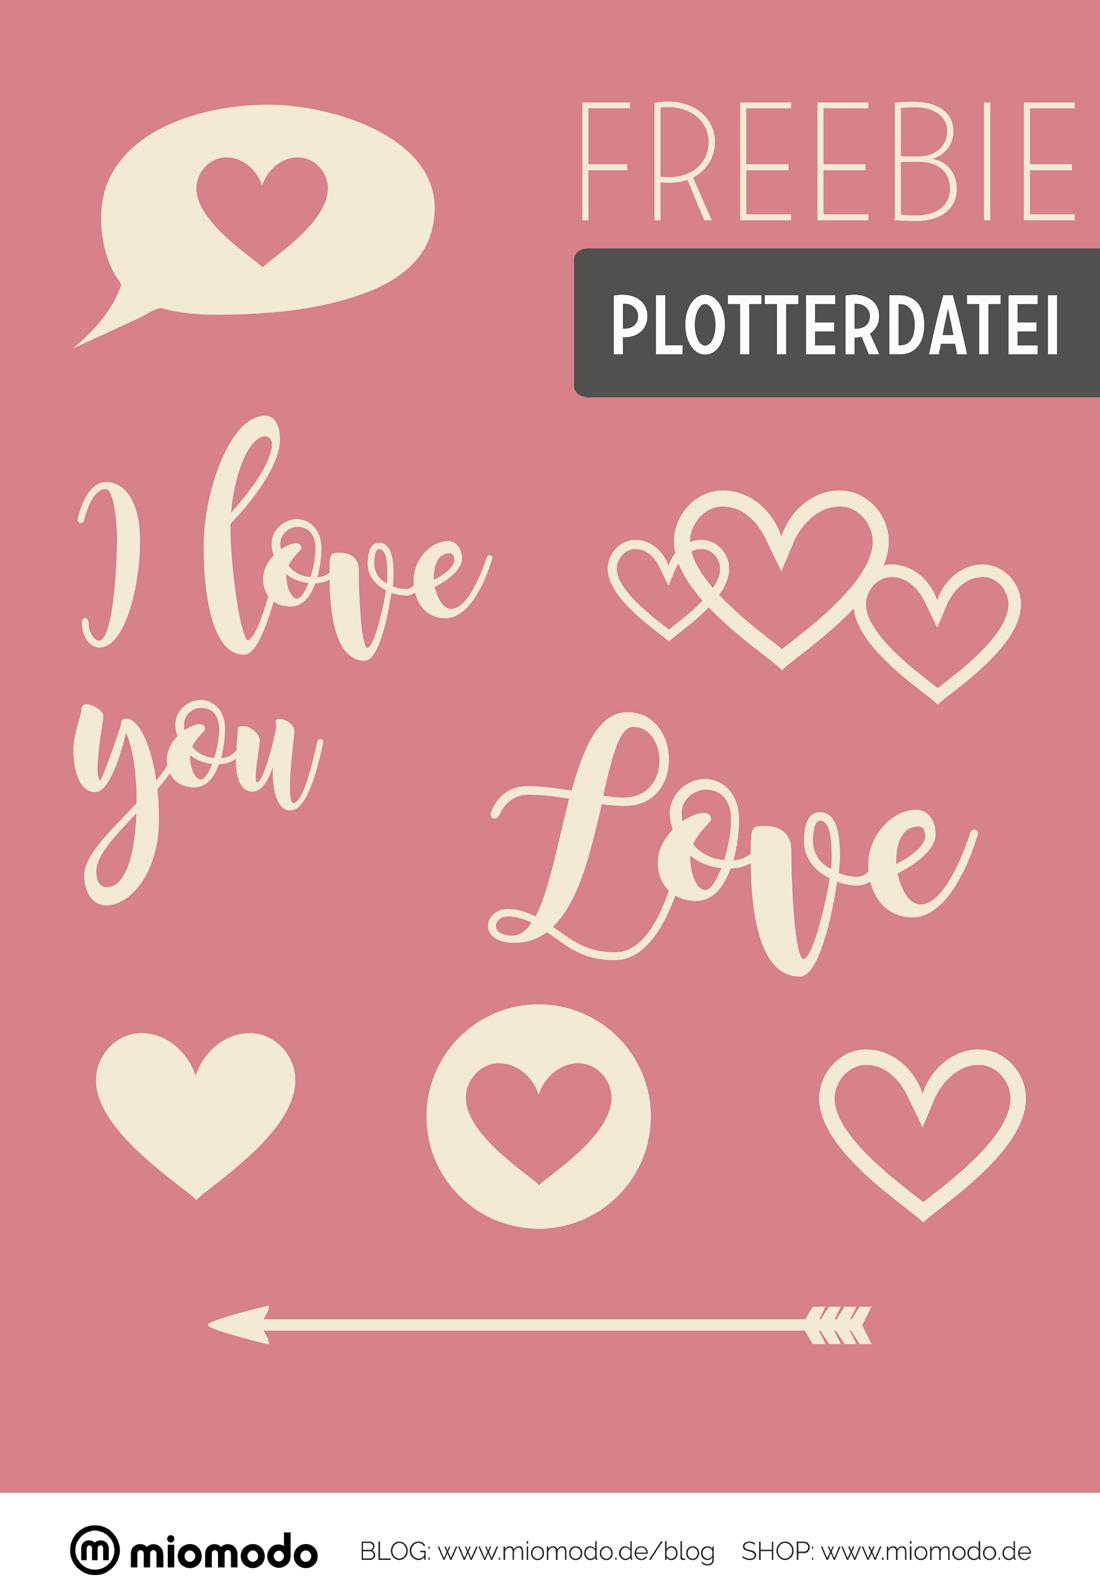 Valentinstag Freebie Plotterdatei | miomodo DIY Blog